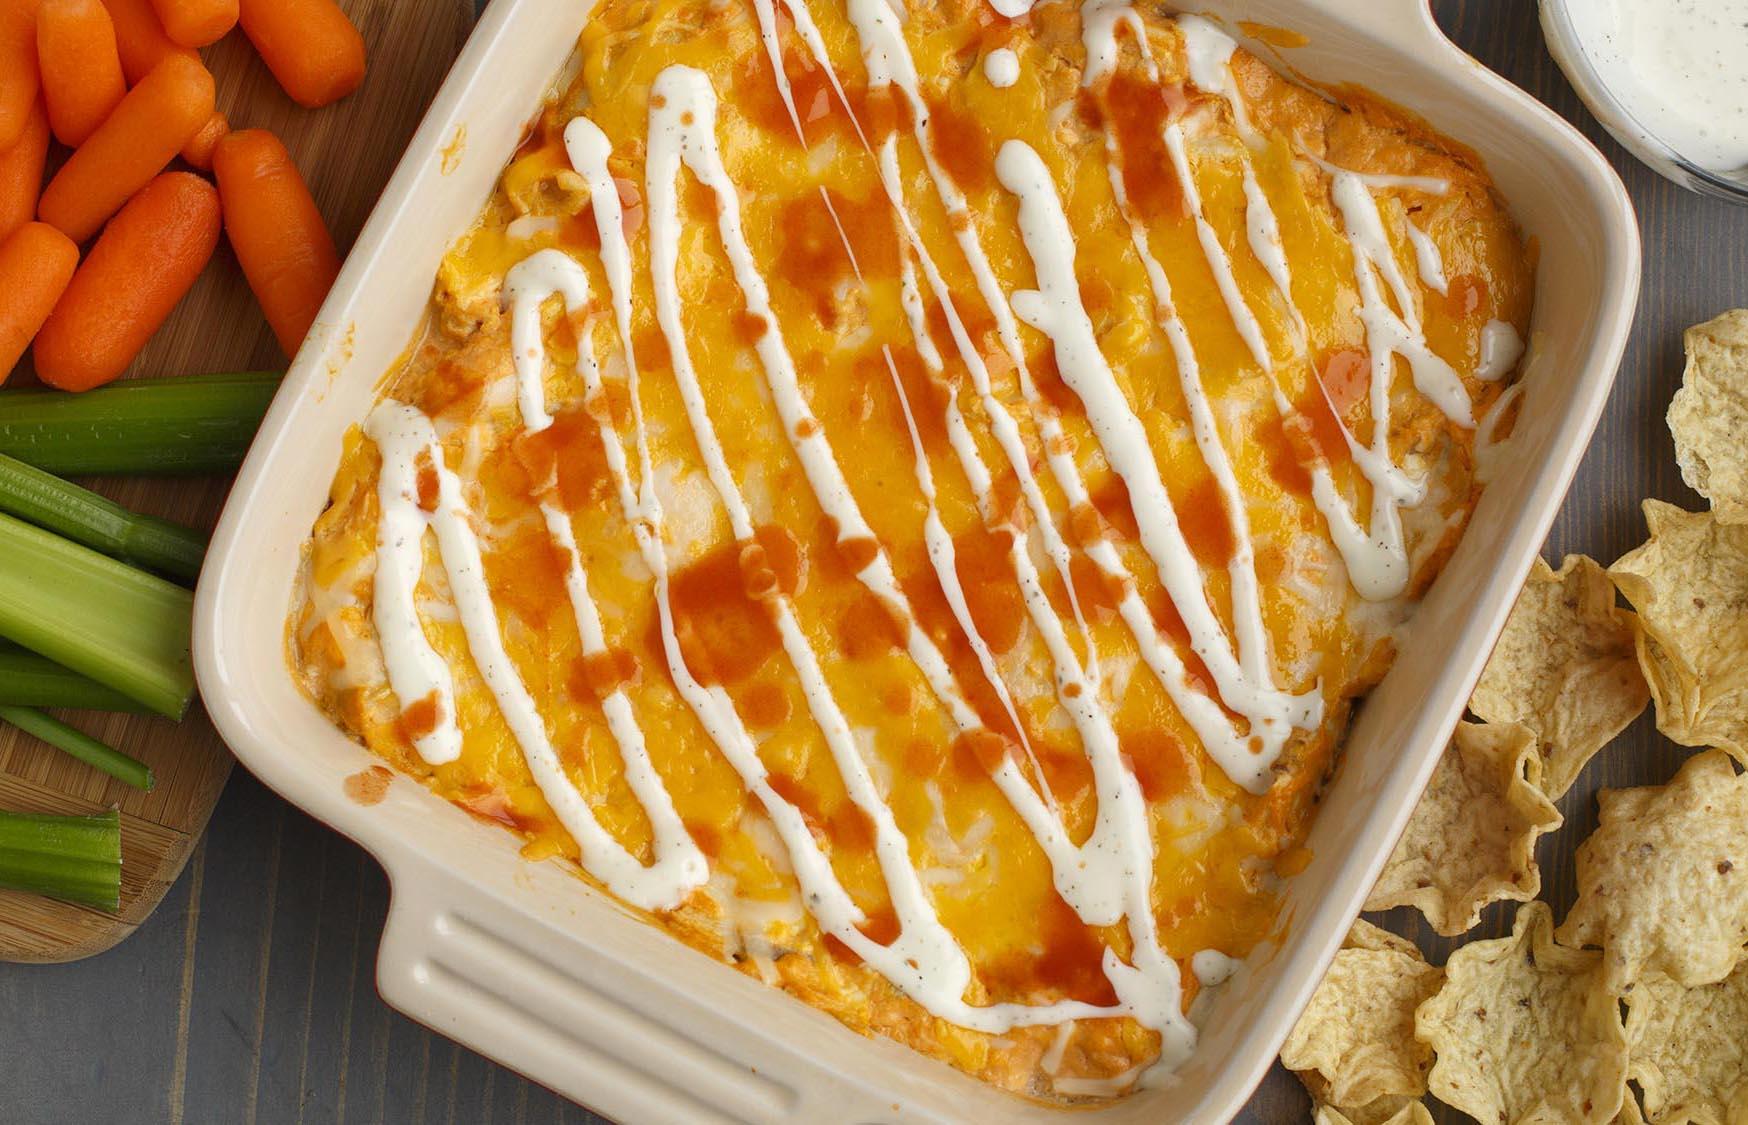 Garlic Buffalo Chicken Dip McCormick Spice